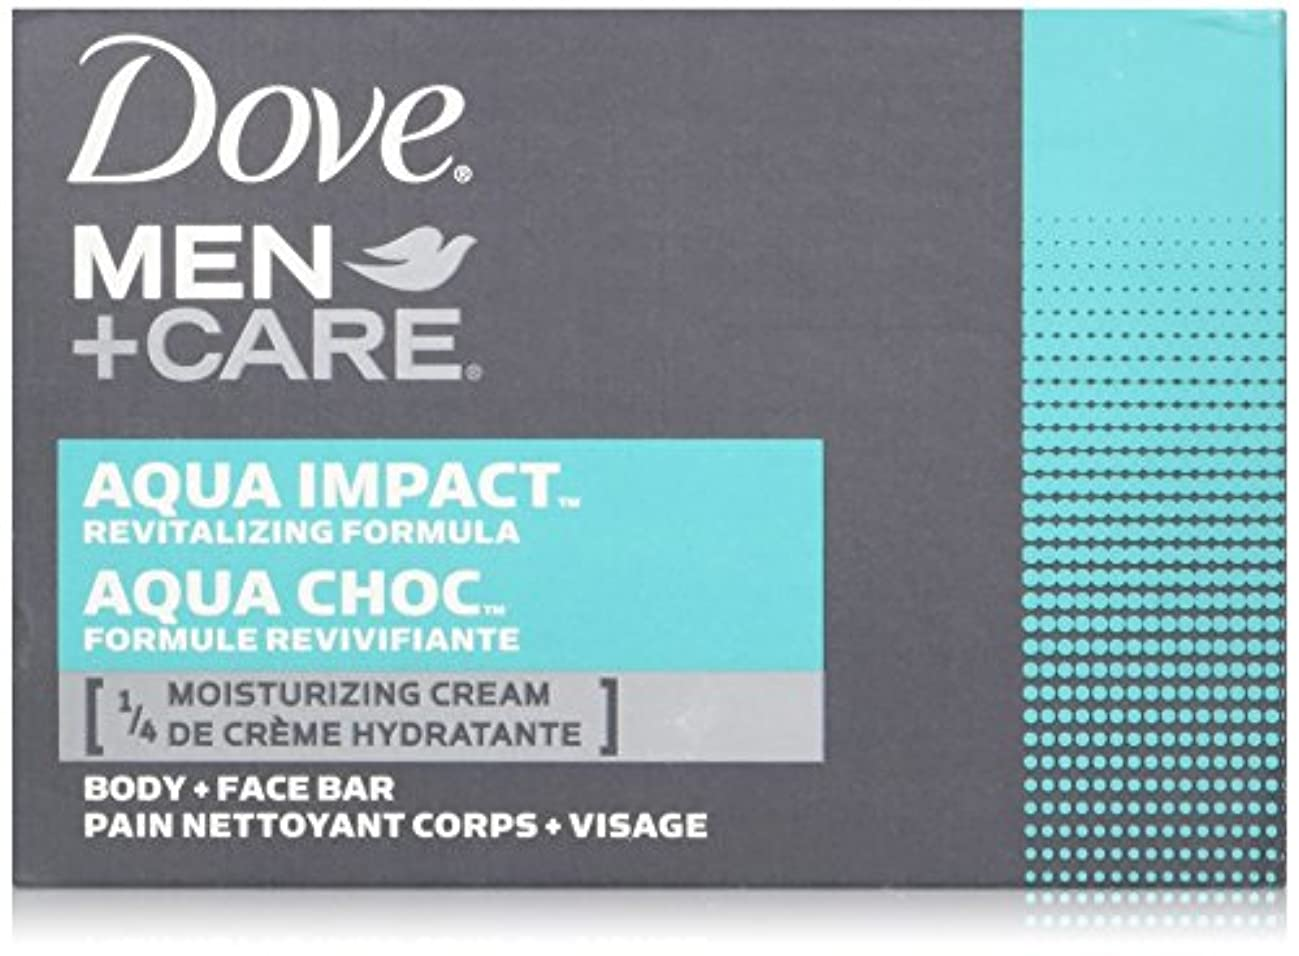 移動オークランド手段Dove Men + Care Body and Face Bar, AQUA IMPACT 4oz x 6soaps ダブ メン プラスケア アクアインパクト 固形石鹸 4oz x 6個パック